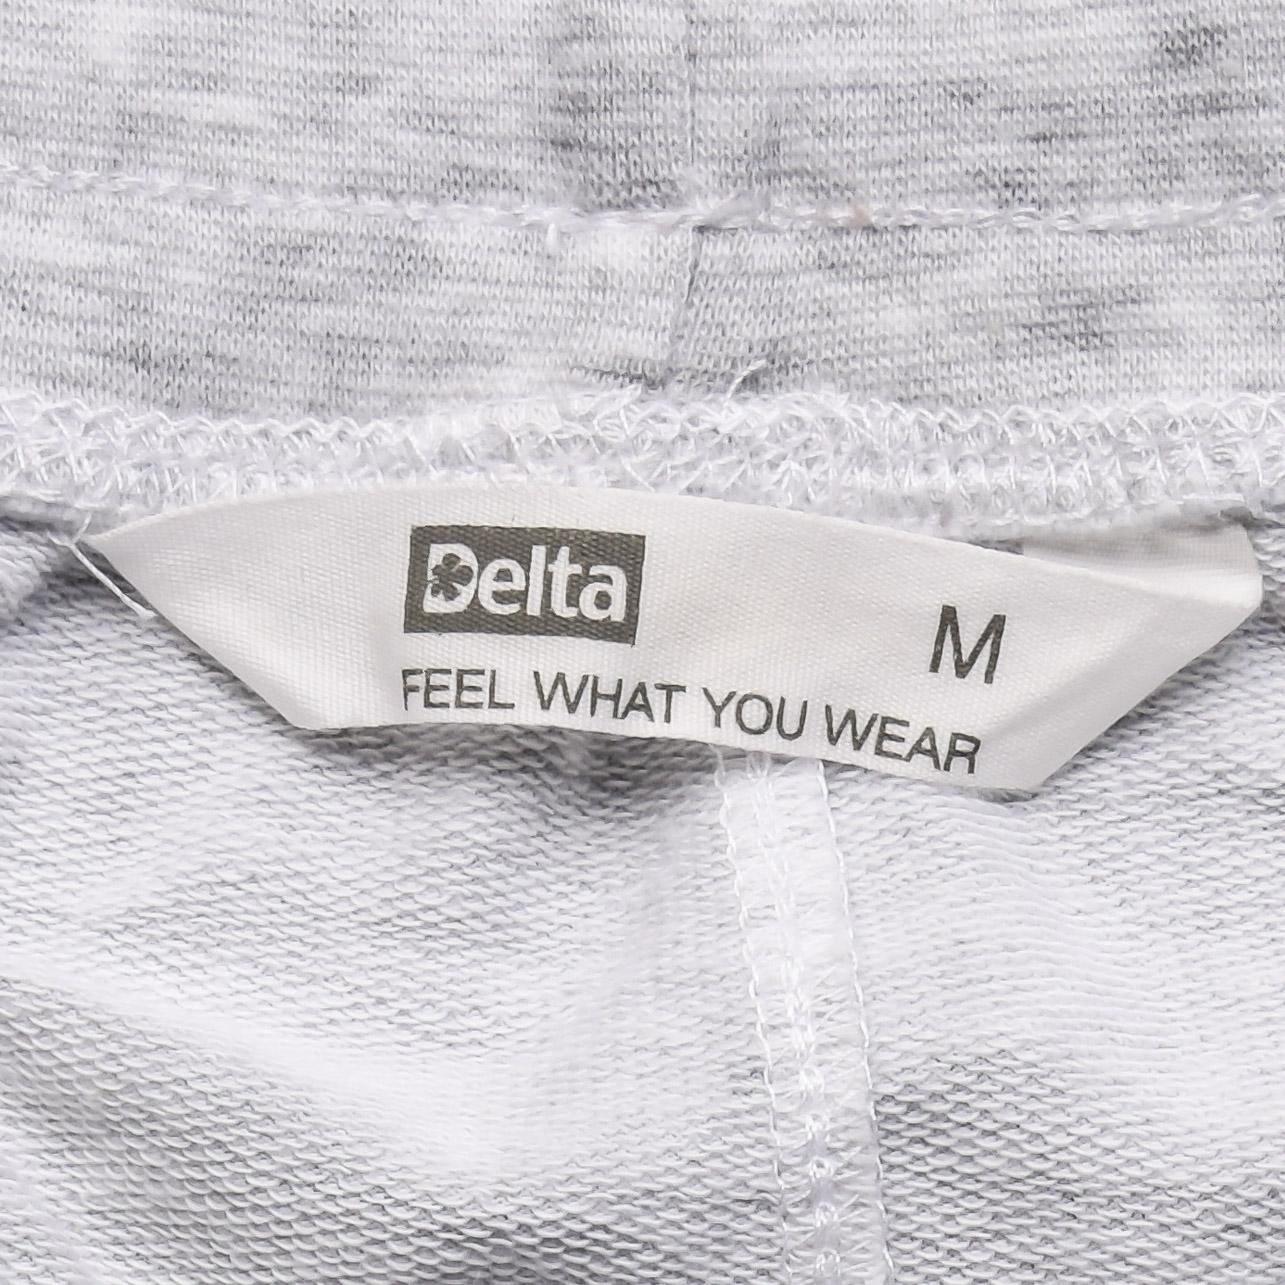 Мужские шорты из трикотажа от известного бренда